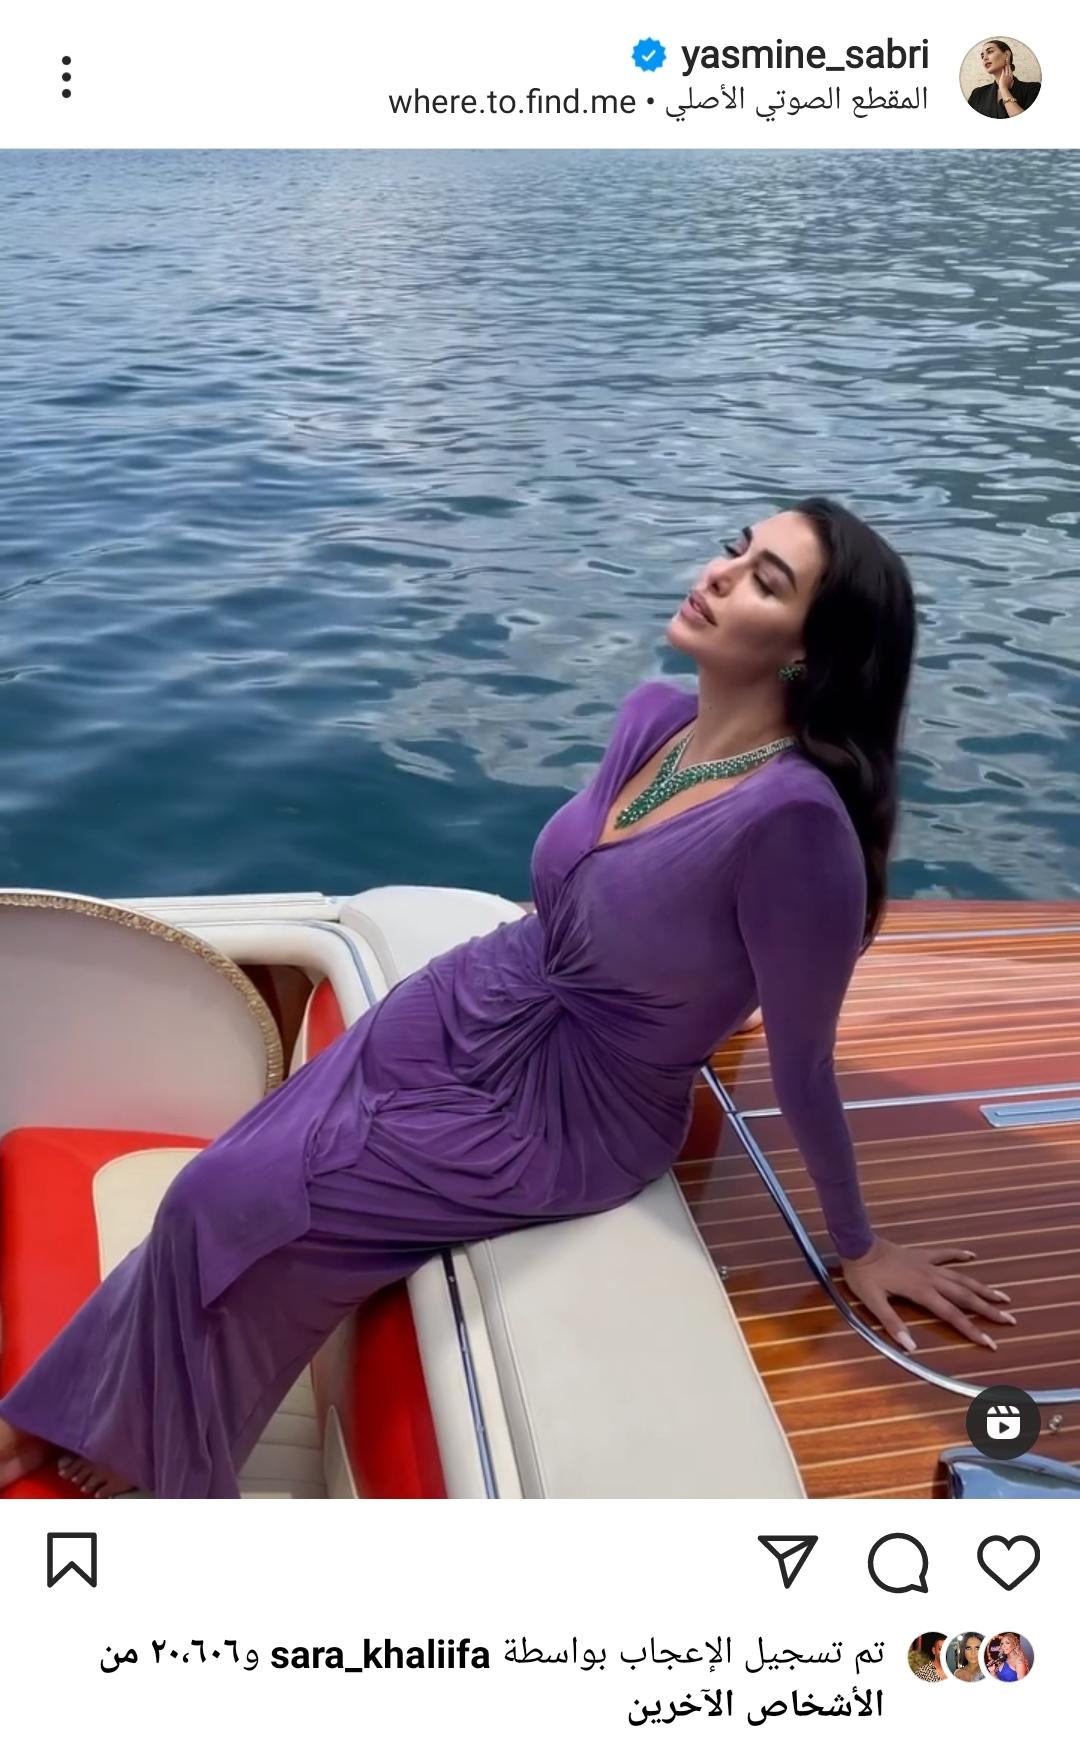 ياسمين صبري بإطلالة مثيرة في عرض البحر - إتفرج